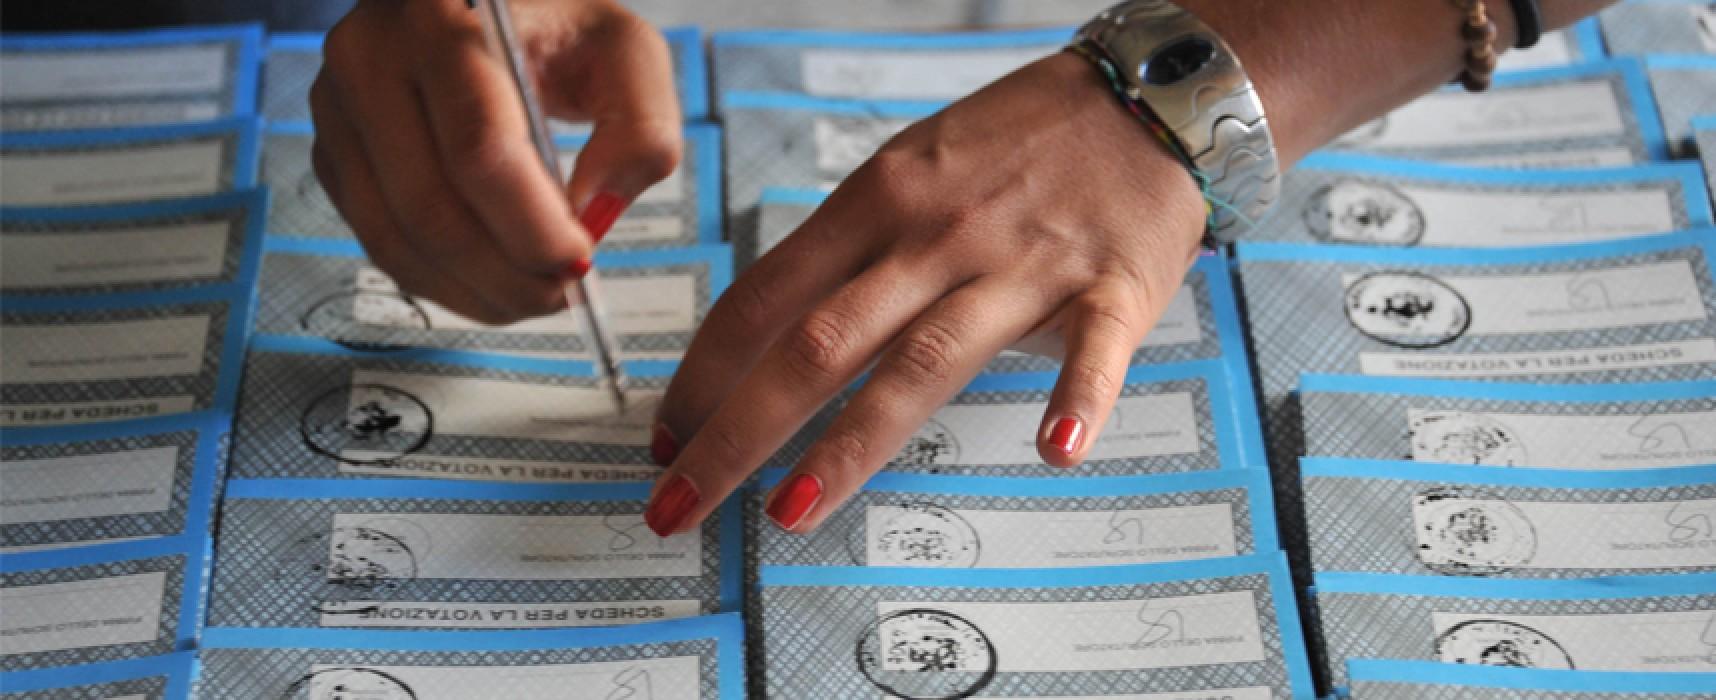 Ballottaggio elezioni amministrative: lo spoglio minuto per minuto